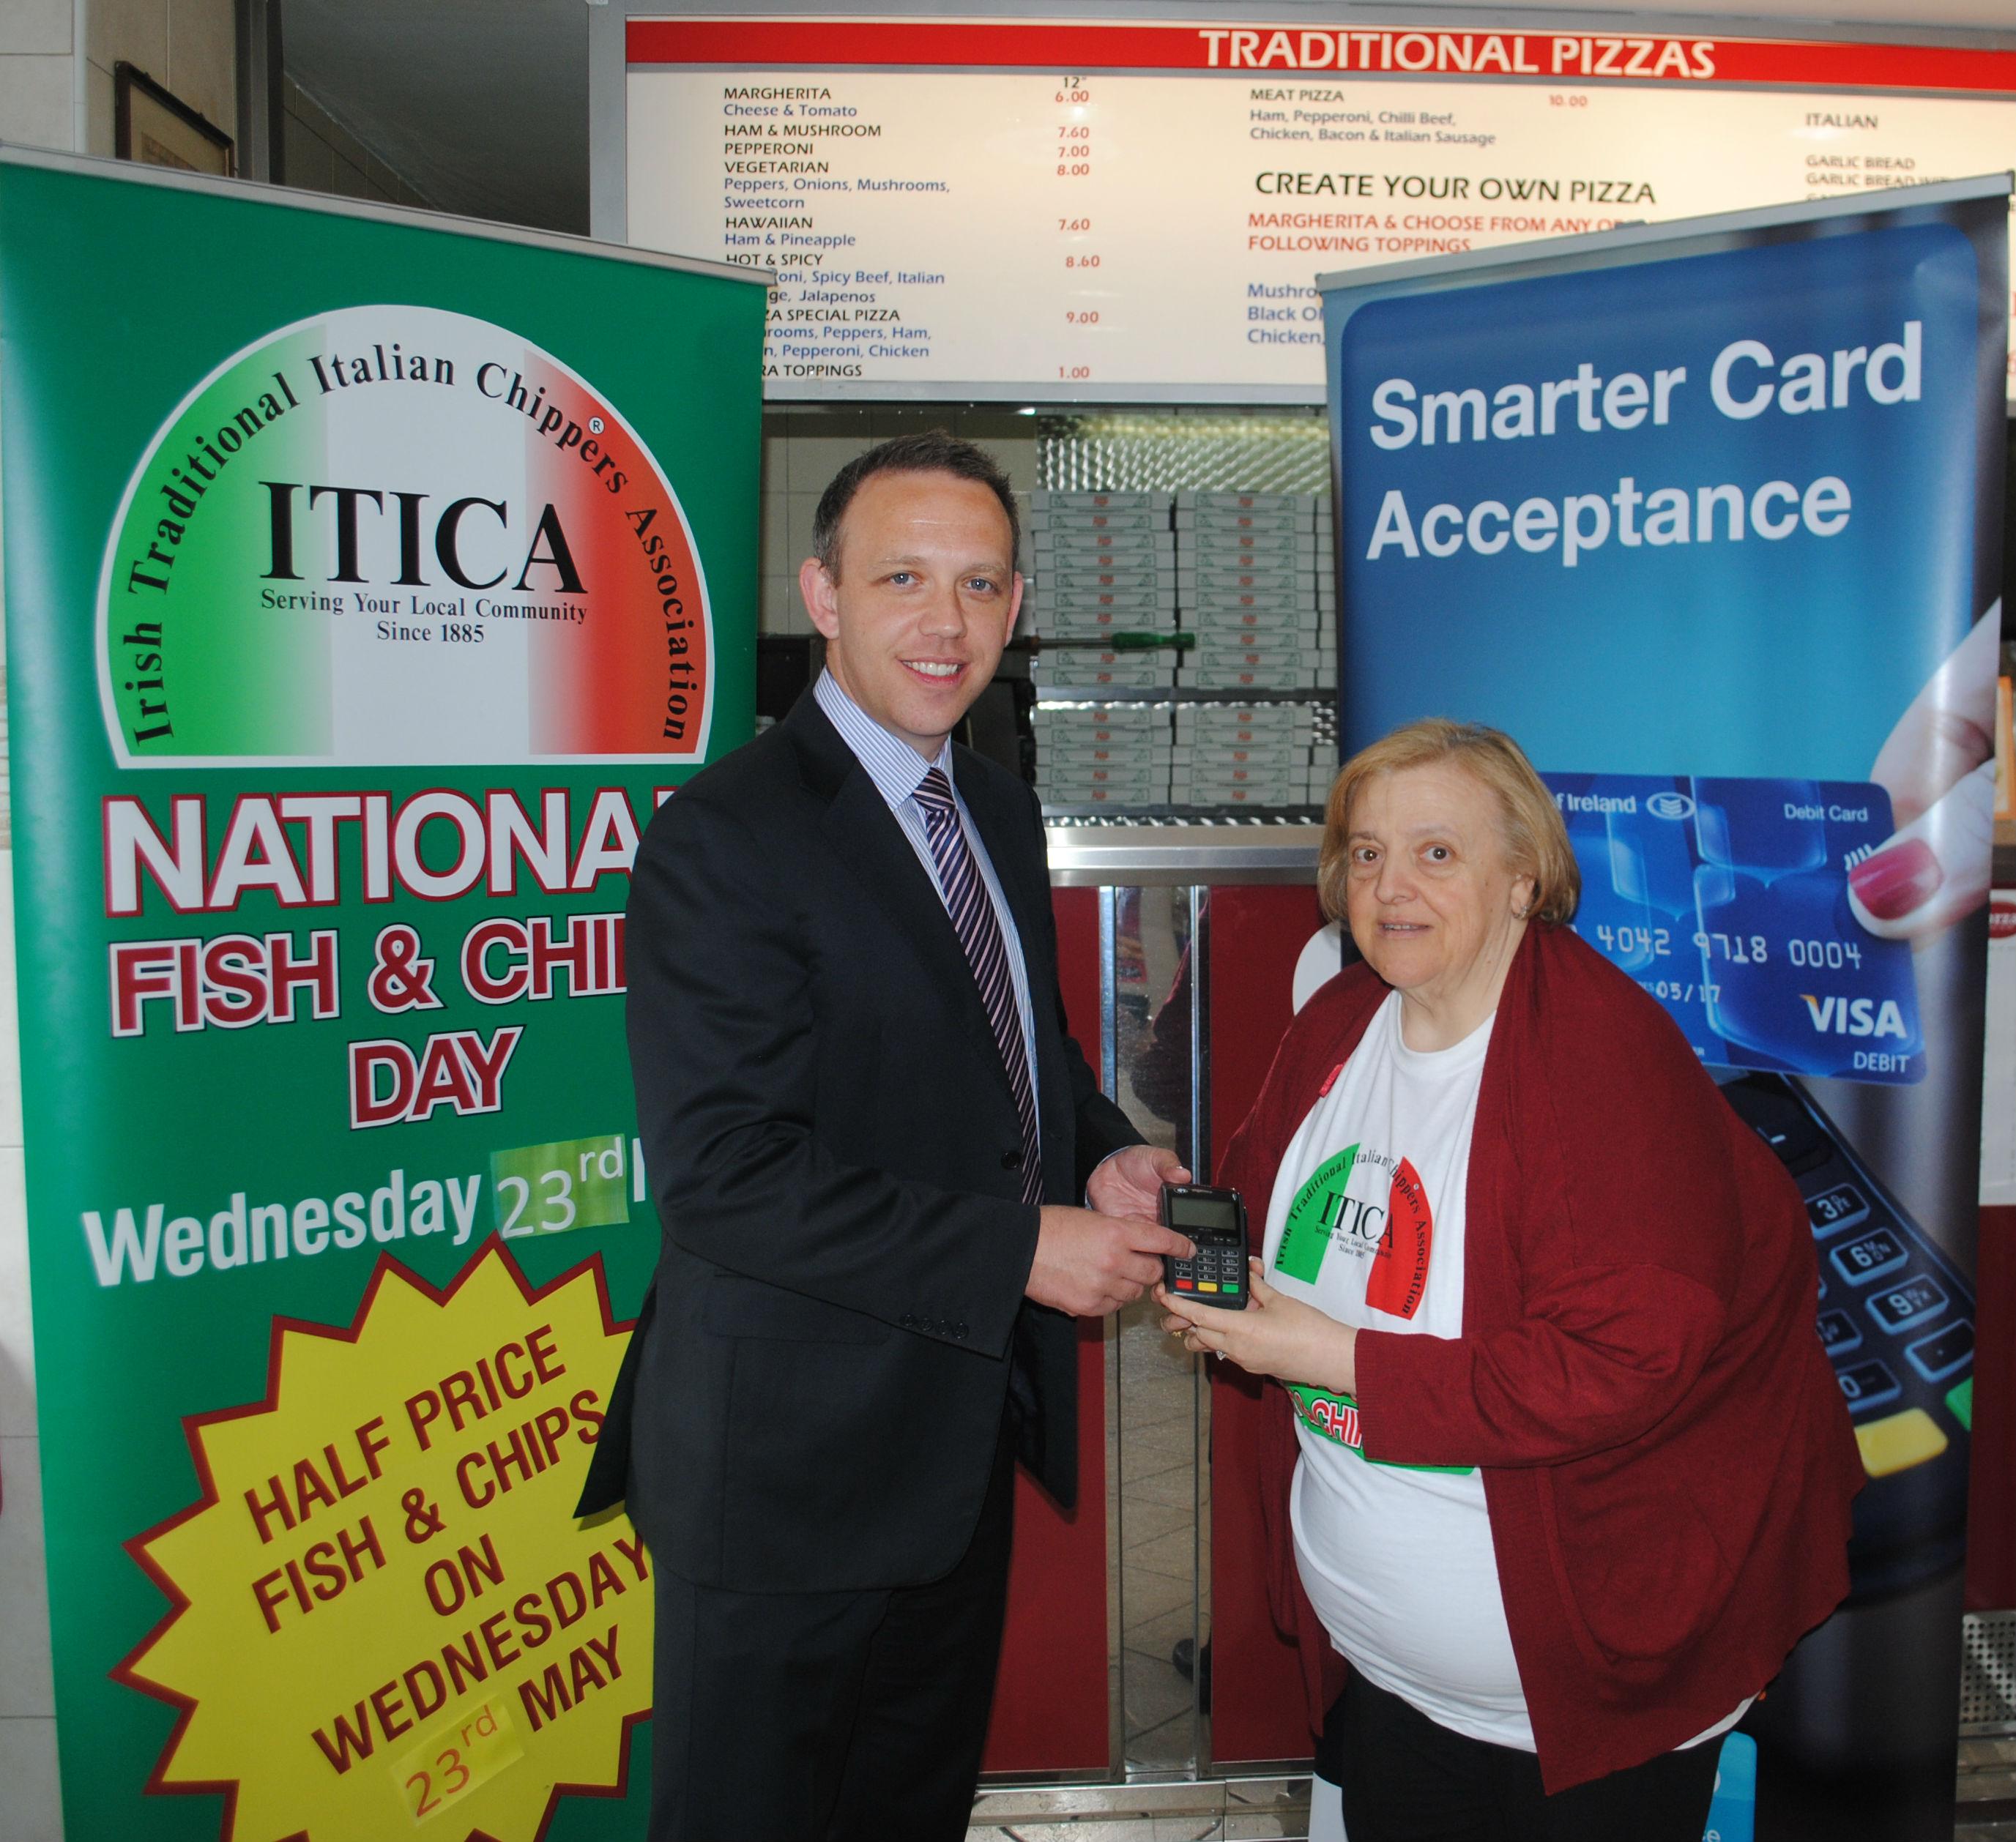 Niall Hayden of BOIPA with Teresa Borza Di'Nardi of ITICA